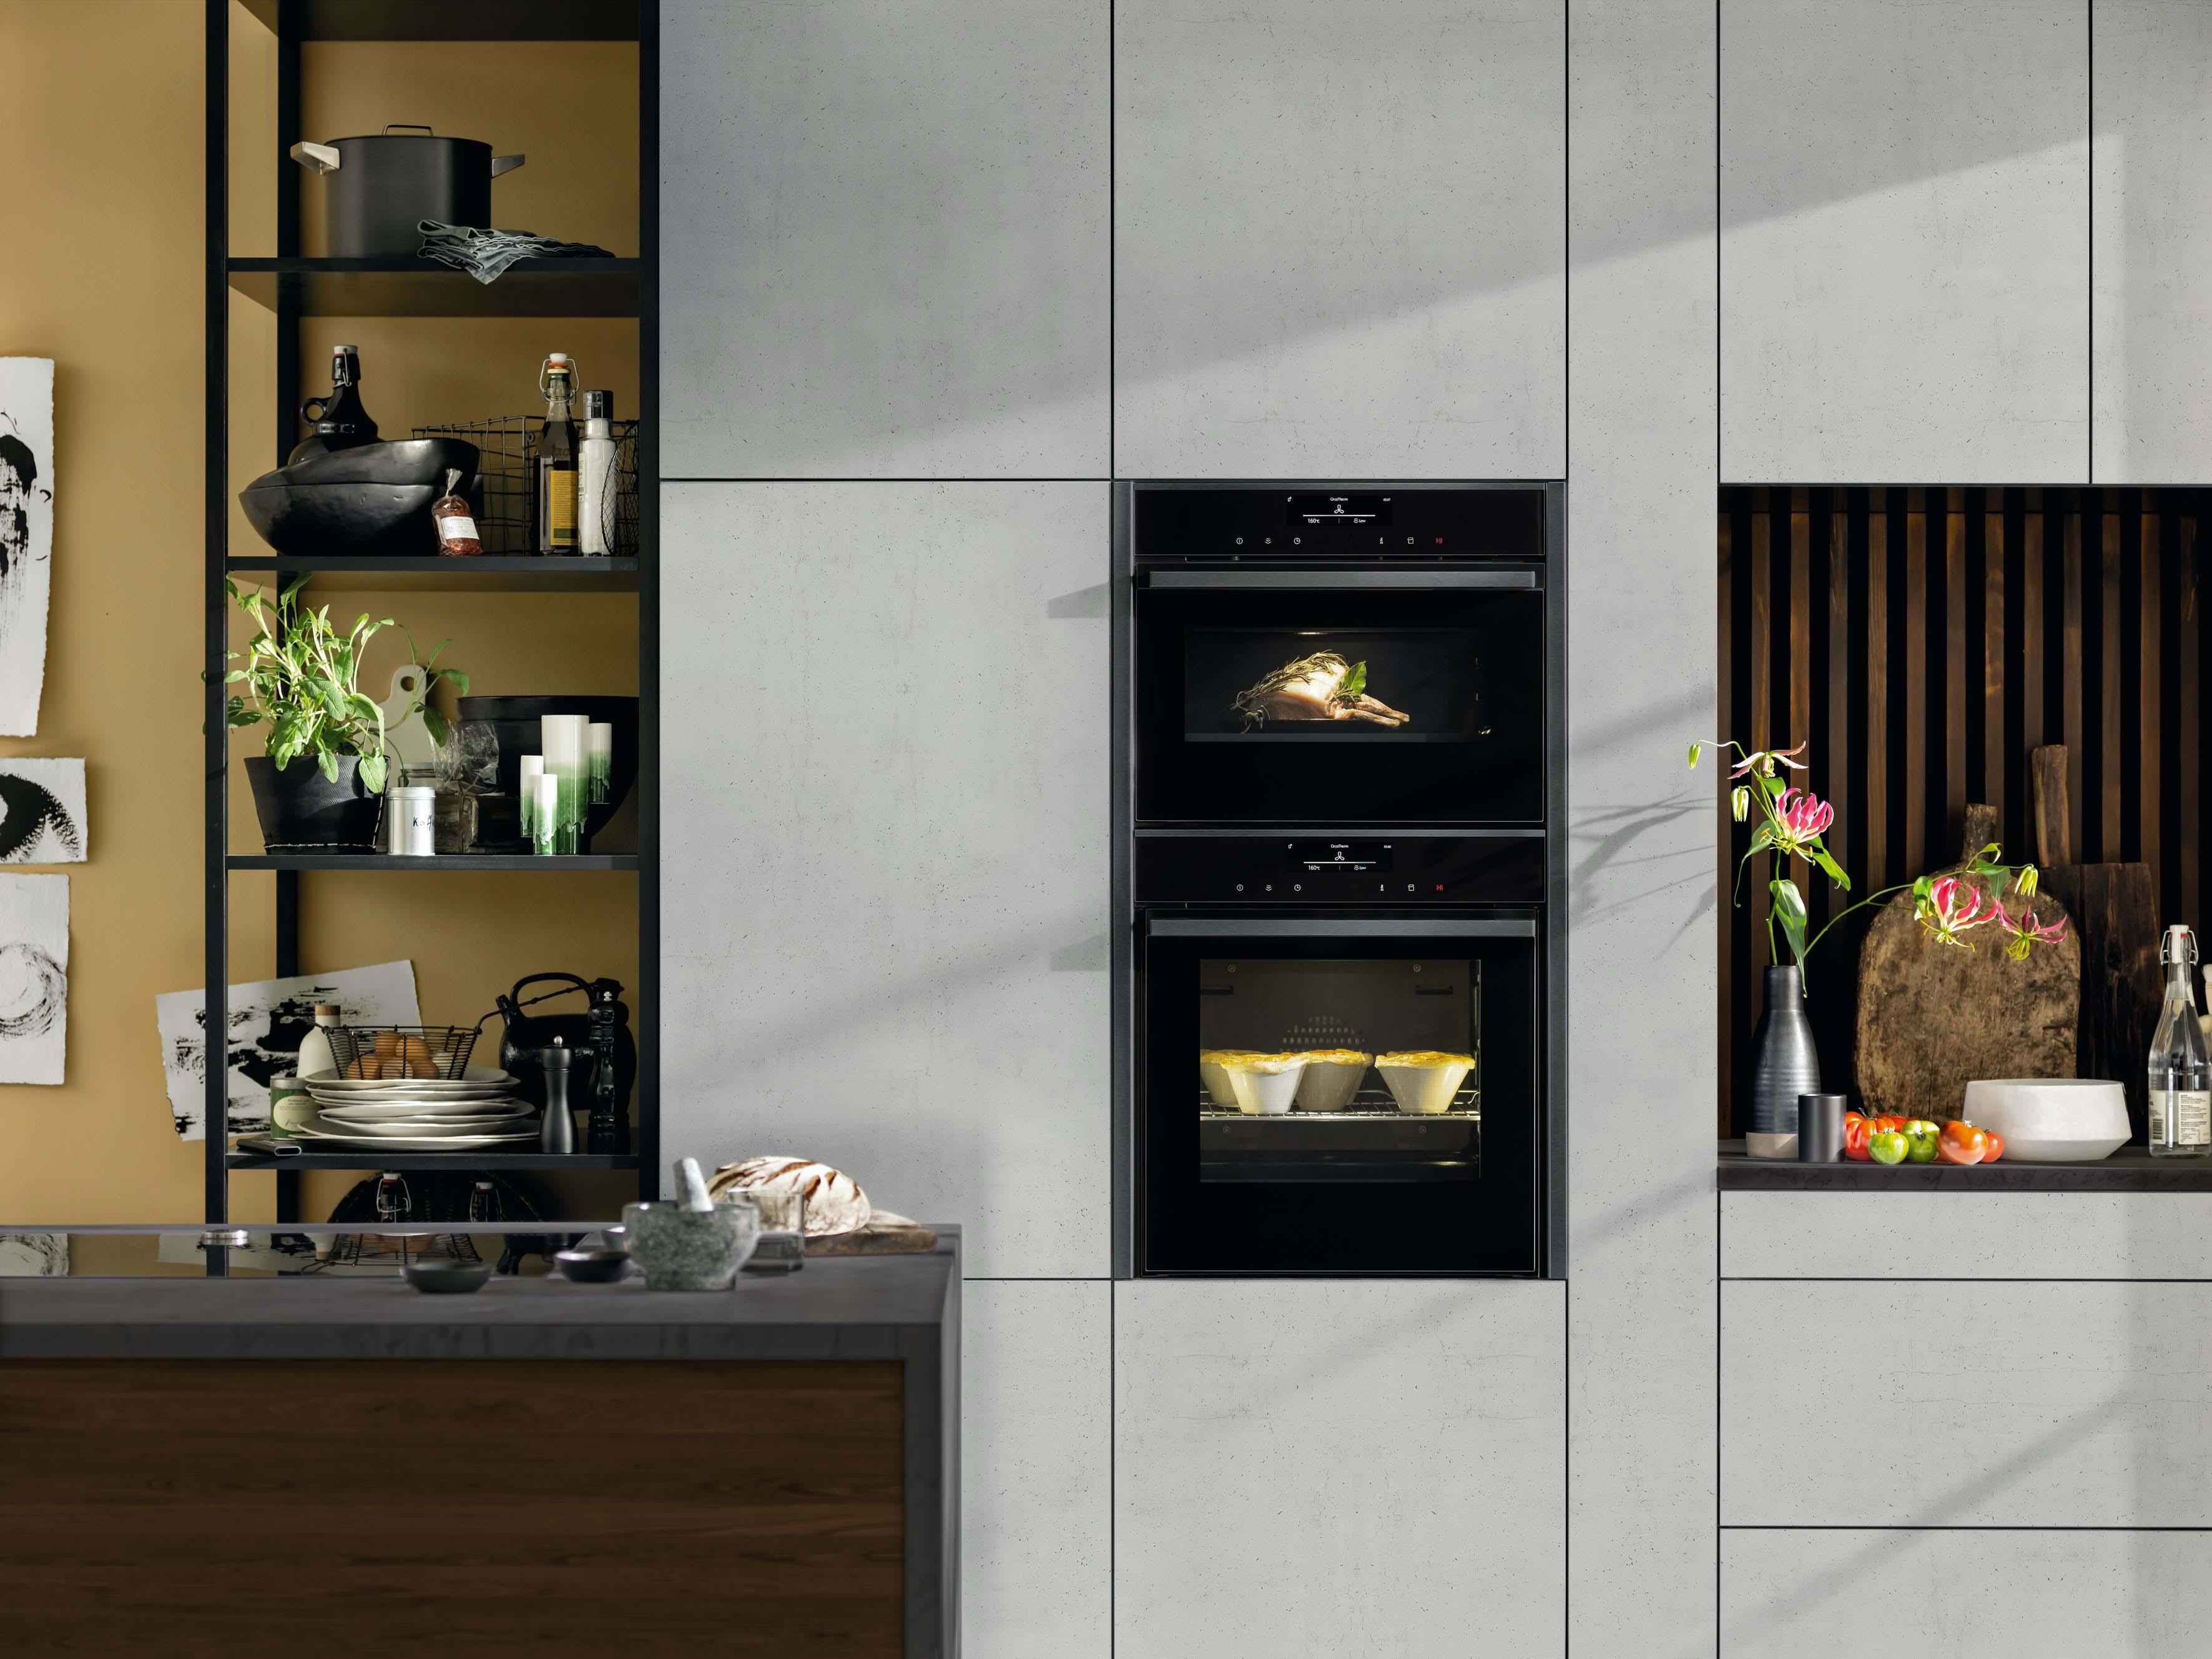 Kitchen Trends 9   AMK   Arbeitsgemeinschaft Die Moderne Küche e.V.